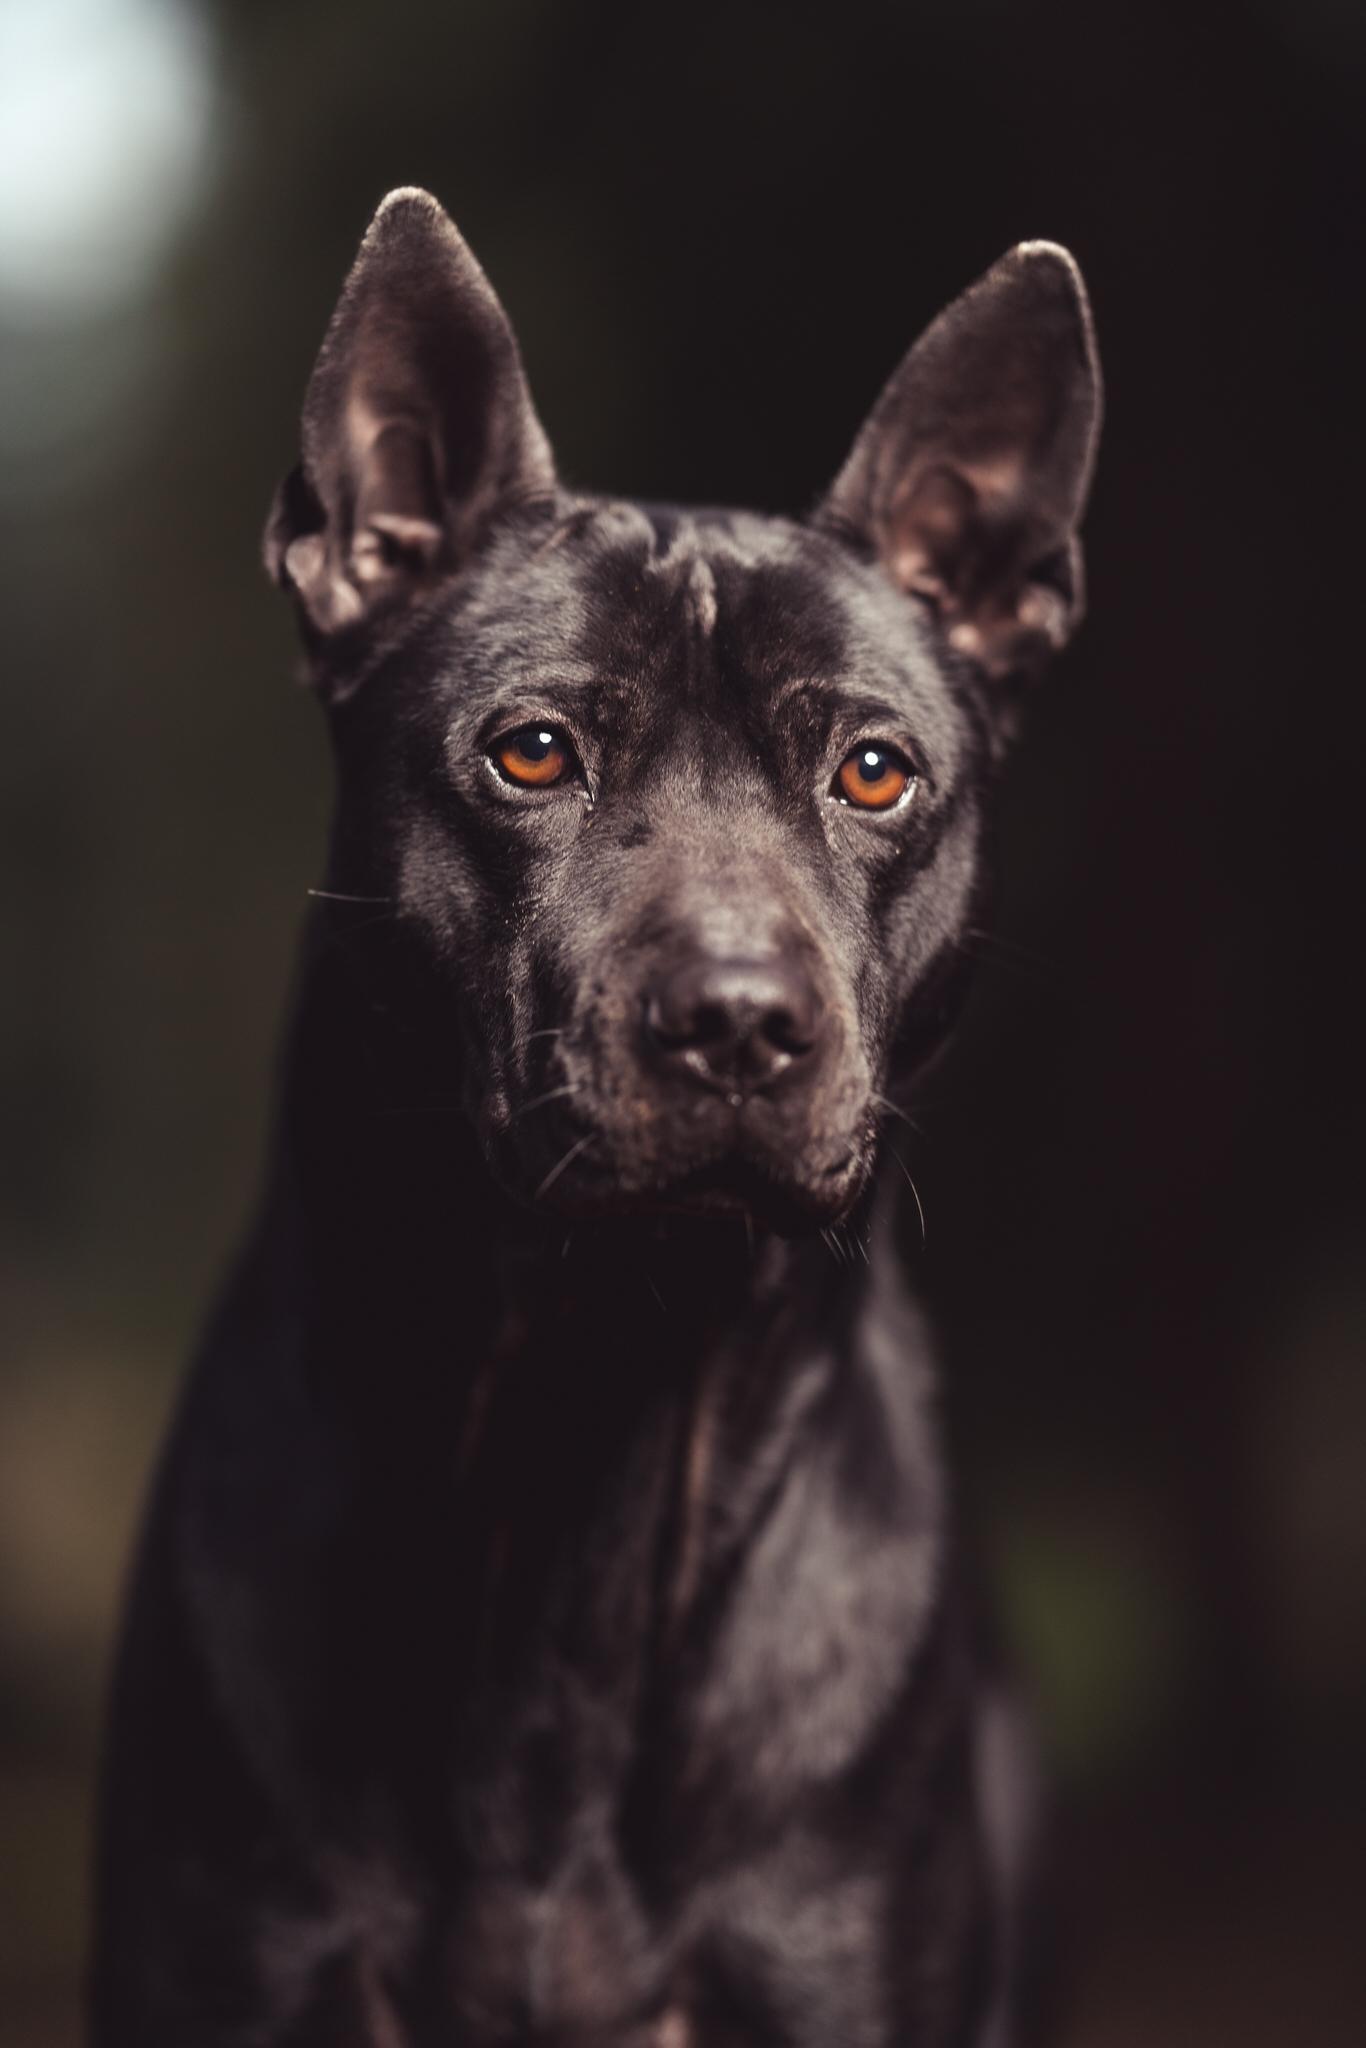 zwarte hond bruine ogen